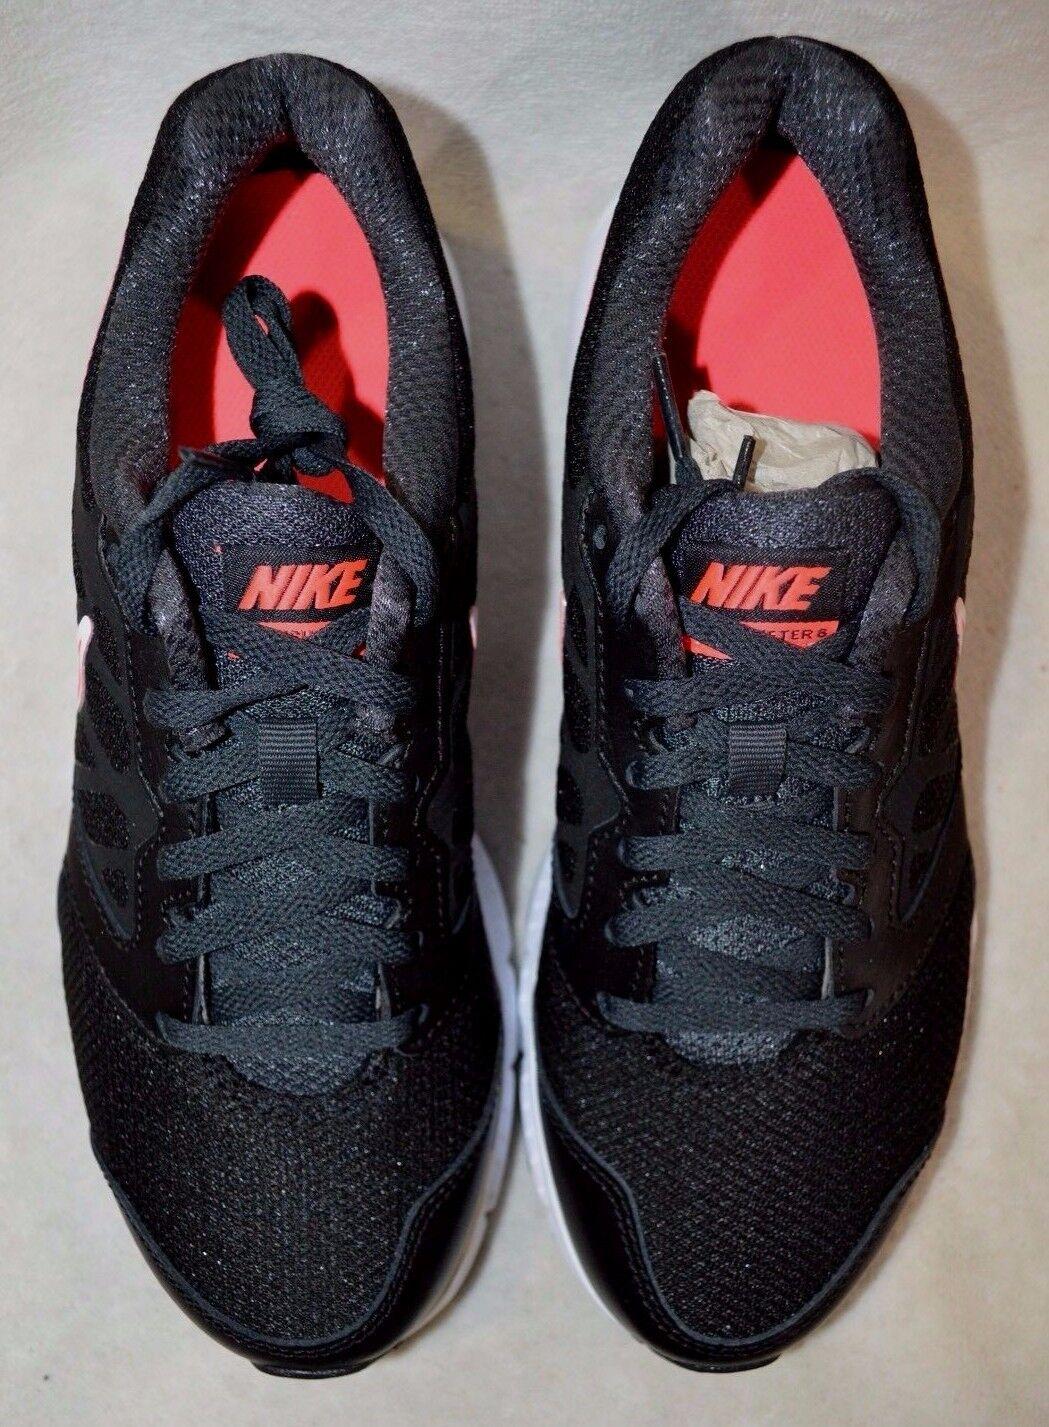 Nike donne downshifter 6 nero nero nero   super punch scarpe da corsa - varie taglie nwb | In Linea  | Uomo/Donna Scarpa  de1279